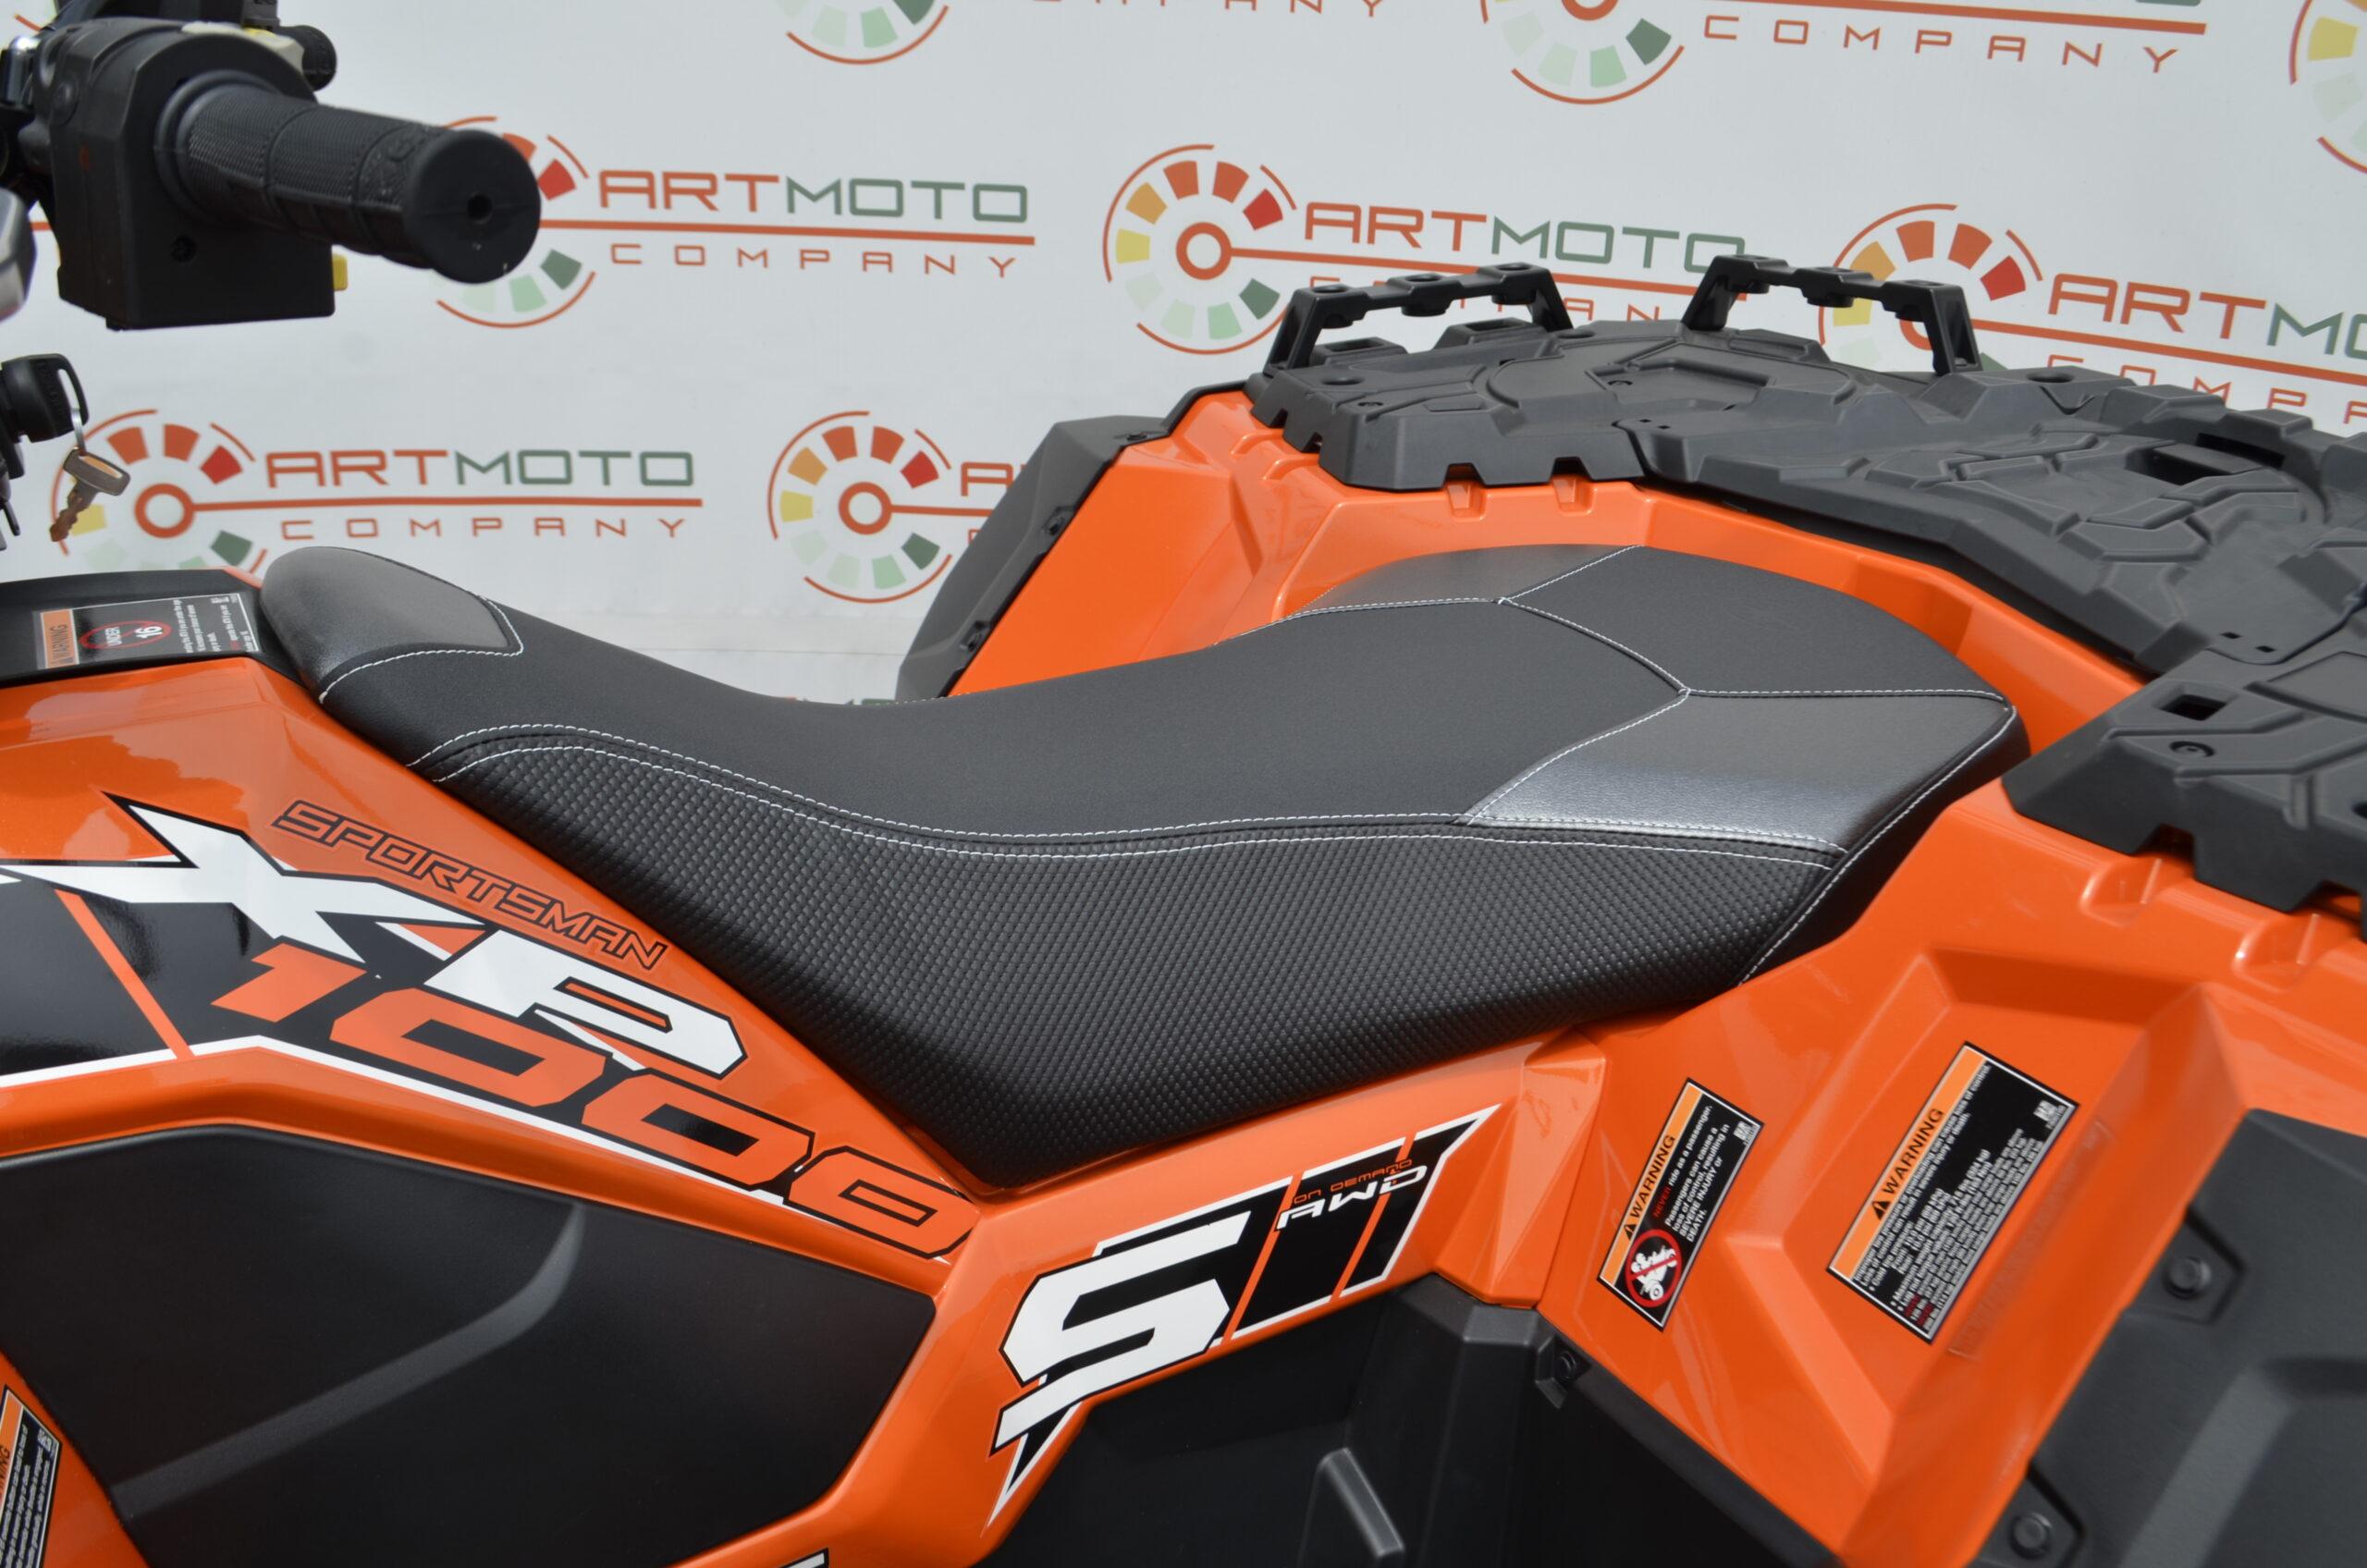 КВАДРОЦИКЛ POLARIS SPORTSMAN XP 1000 S  Артмото - купить квадроцикл в украине и харькове, мотоцикл, снегоход, скутер, мопед, электромобиль